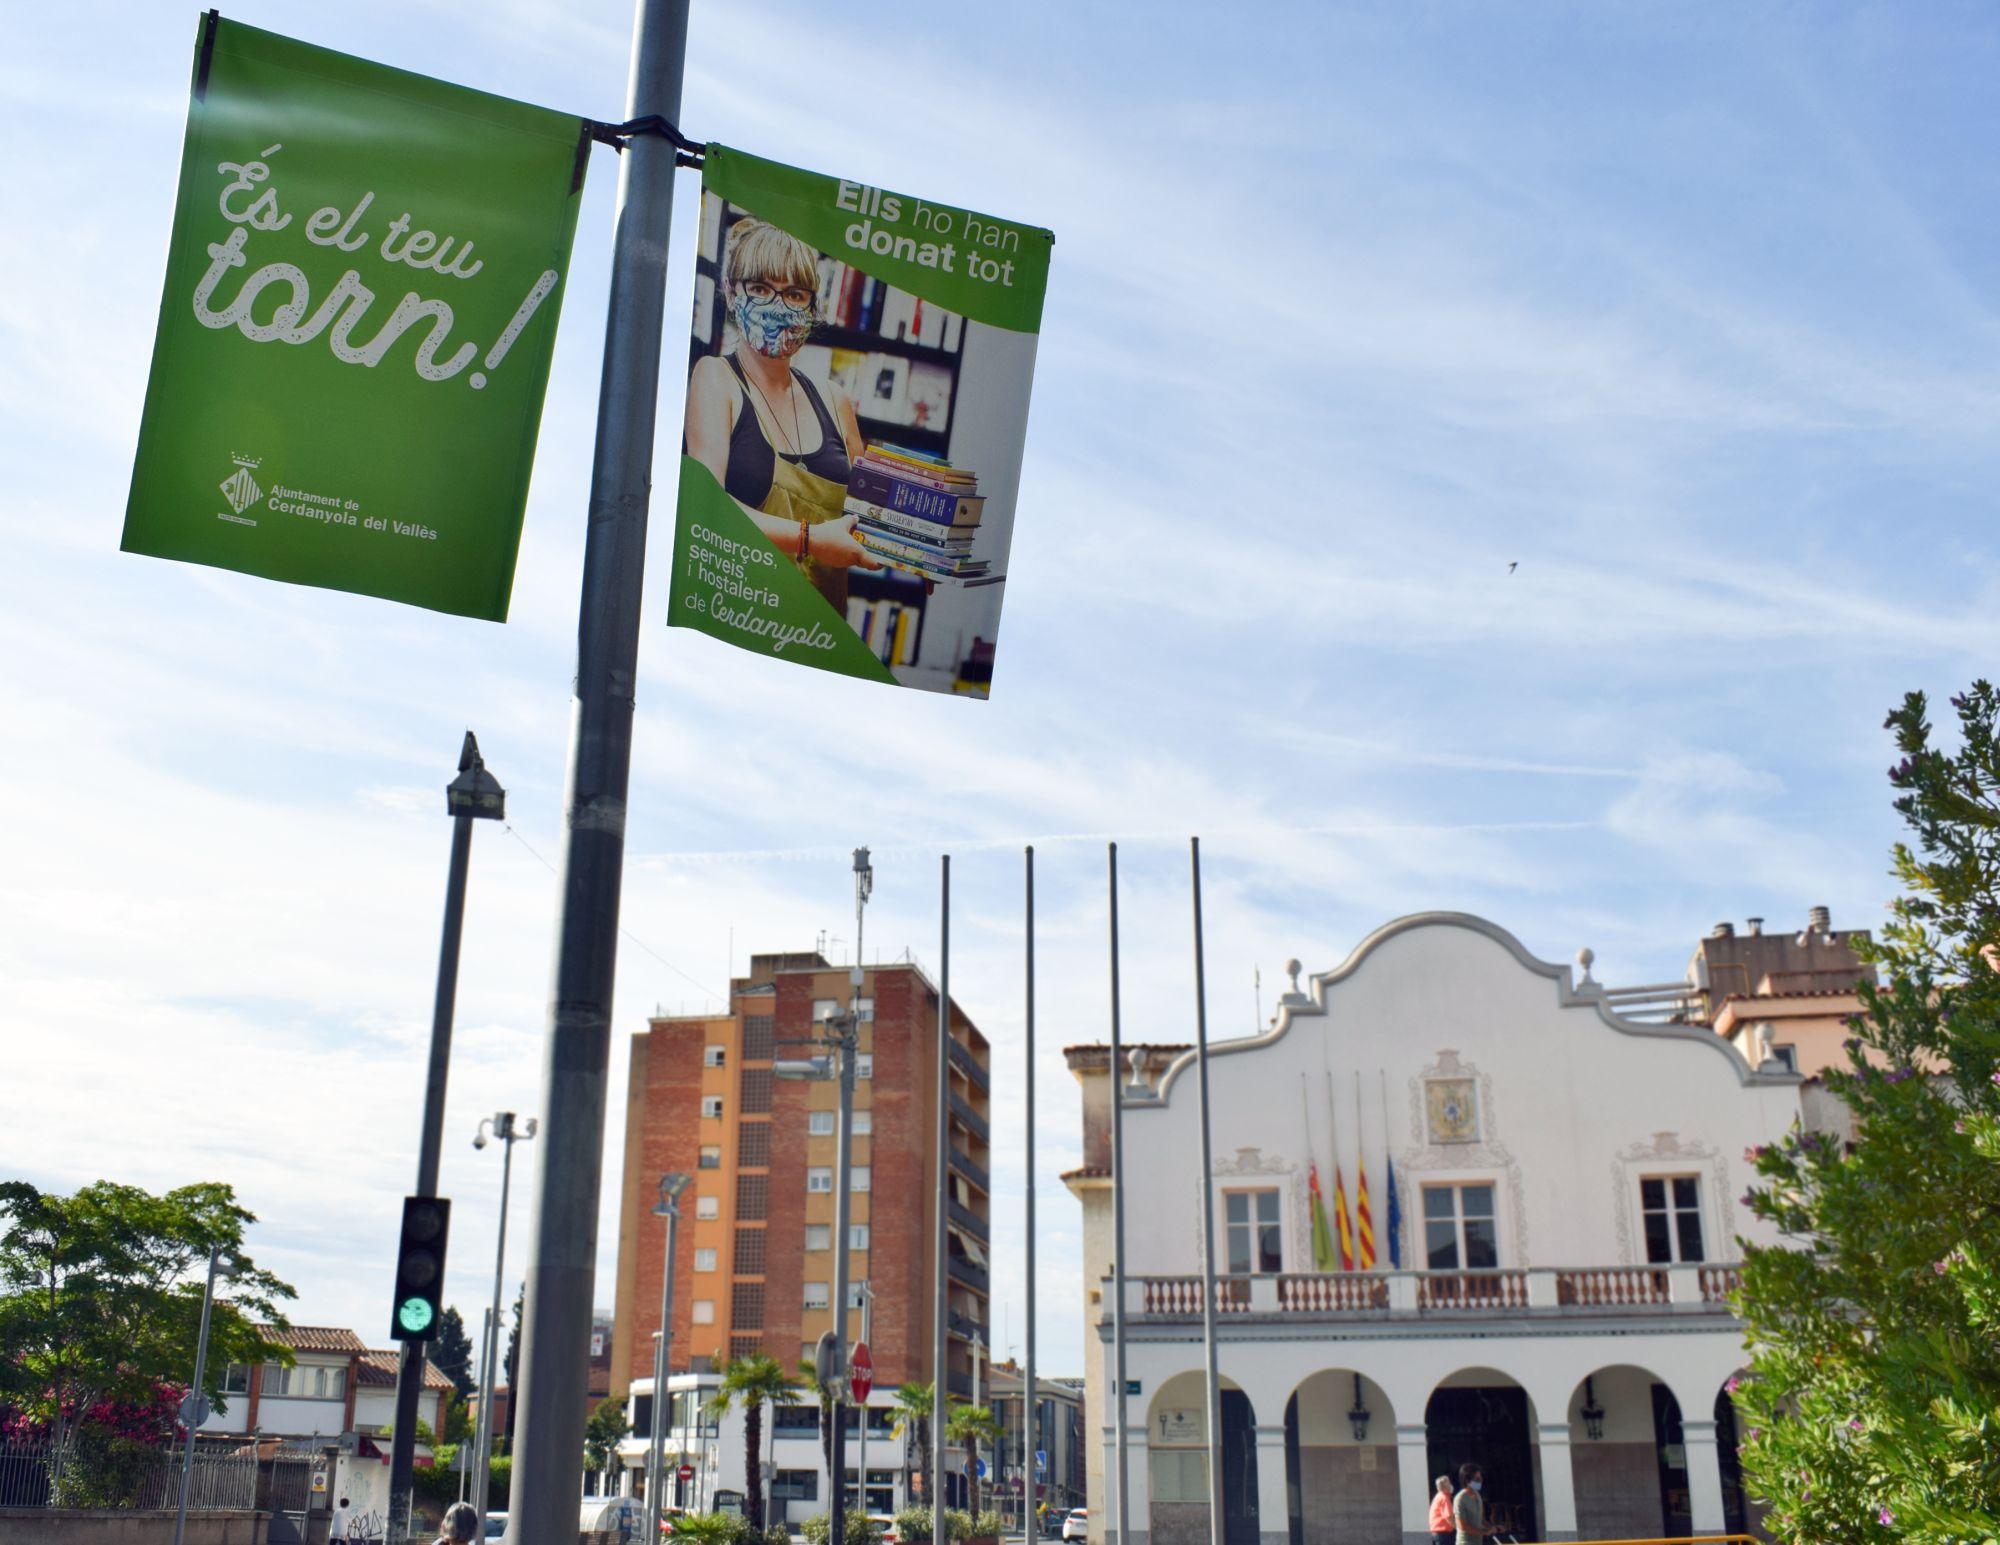 Les banderoles ja es poden veure al principals carrers de la ciutat